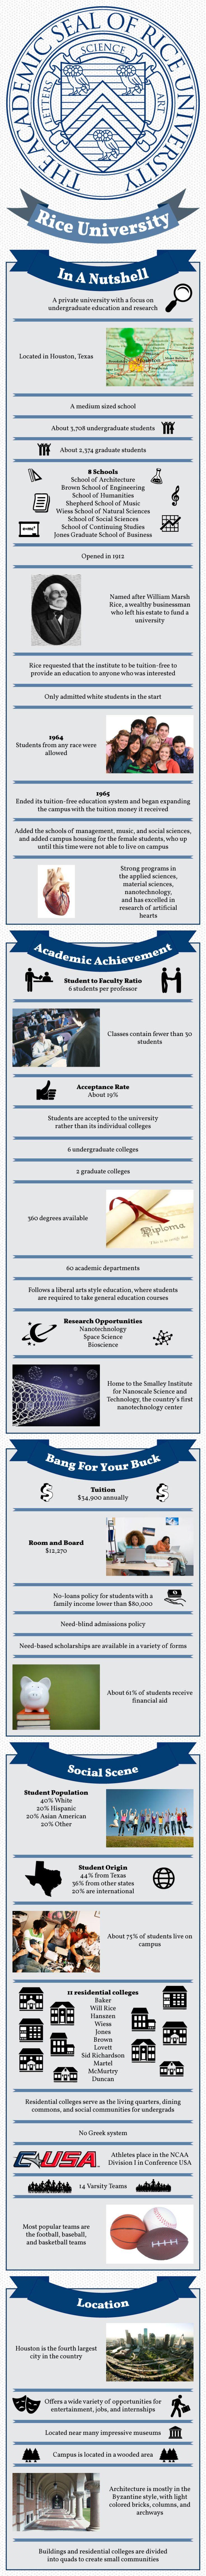 Rice University Infographic